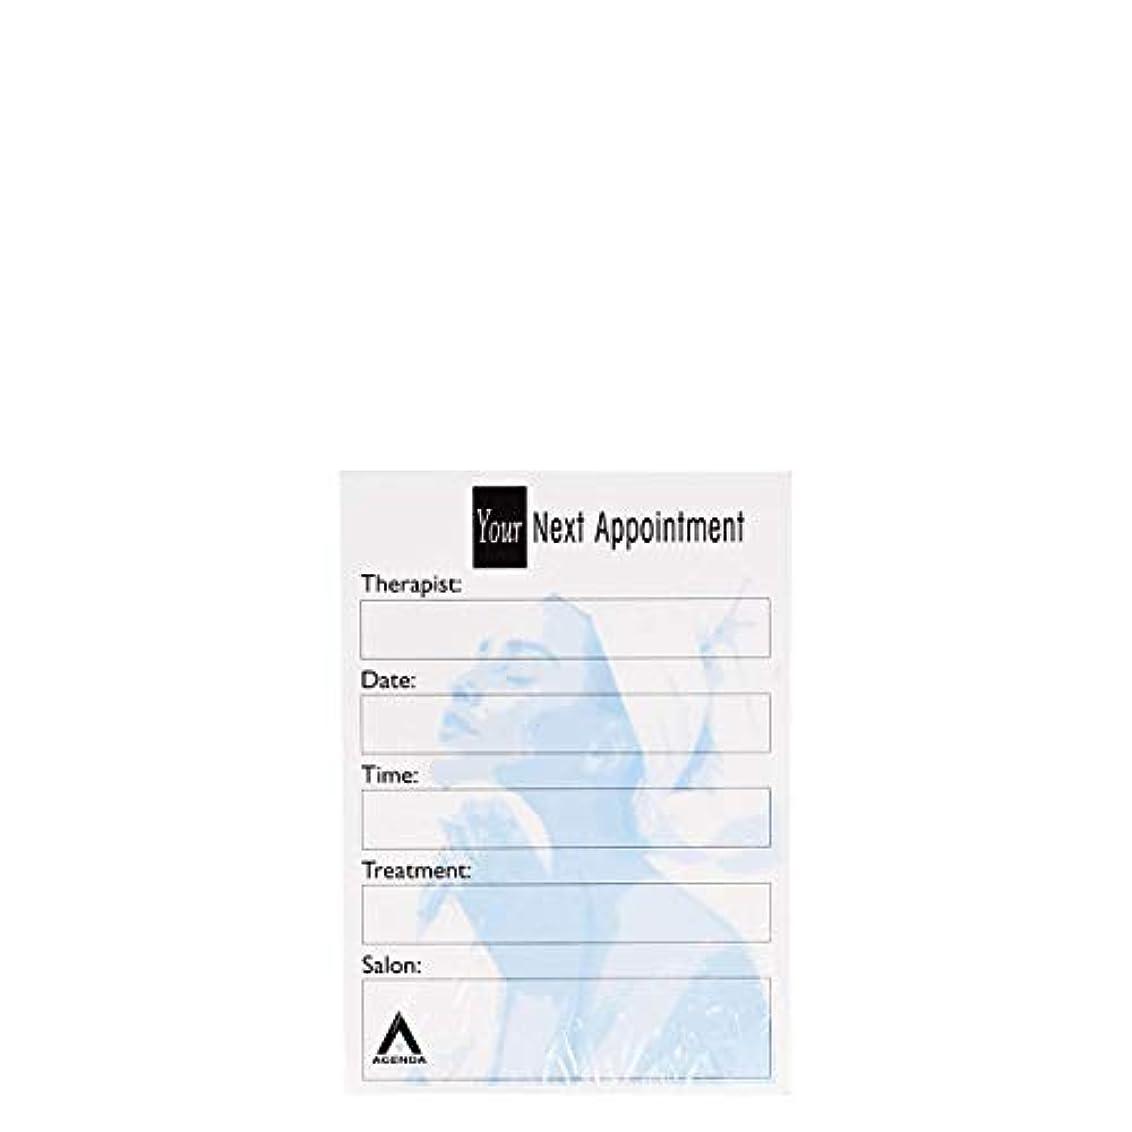 アジェンダ サロンコンセプト ネイルアポイントメントカードAP7B x100[海外直送品] [並行輸入品]